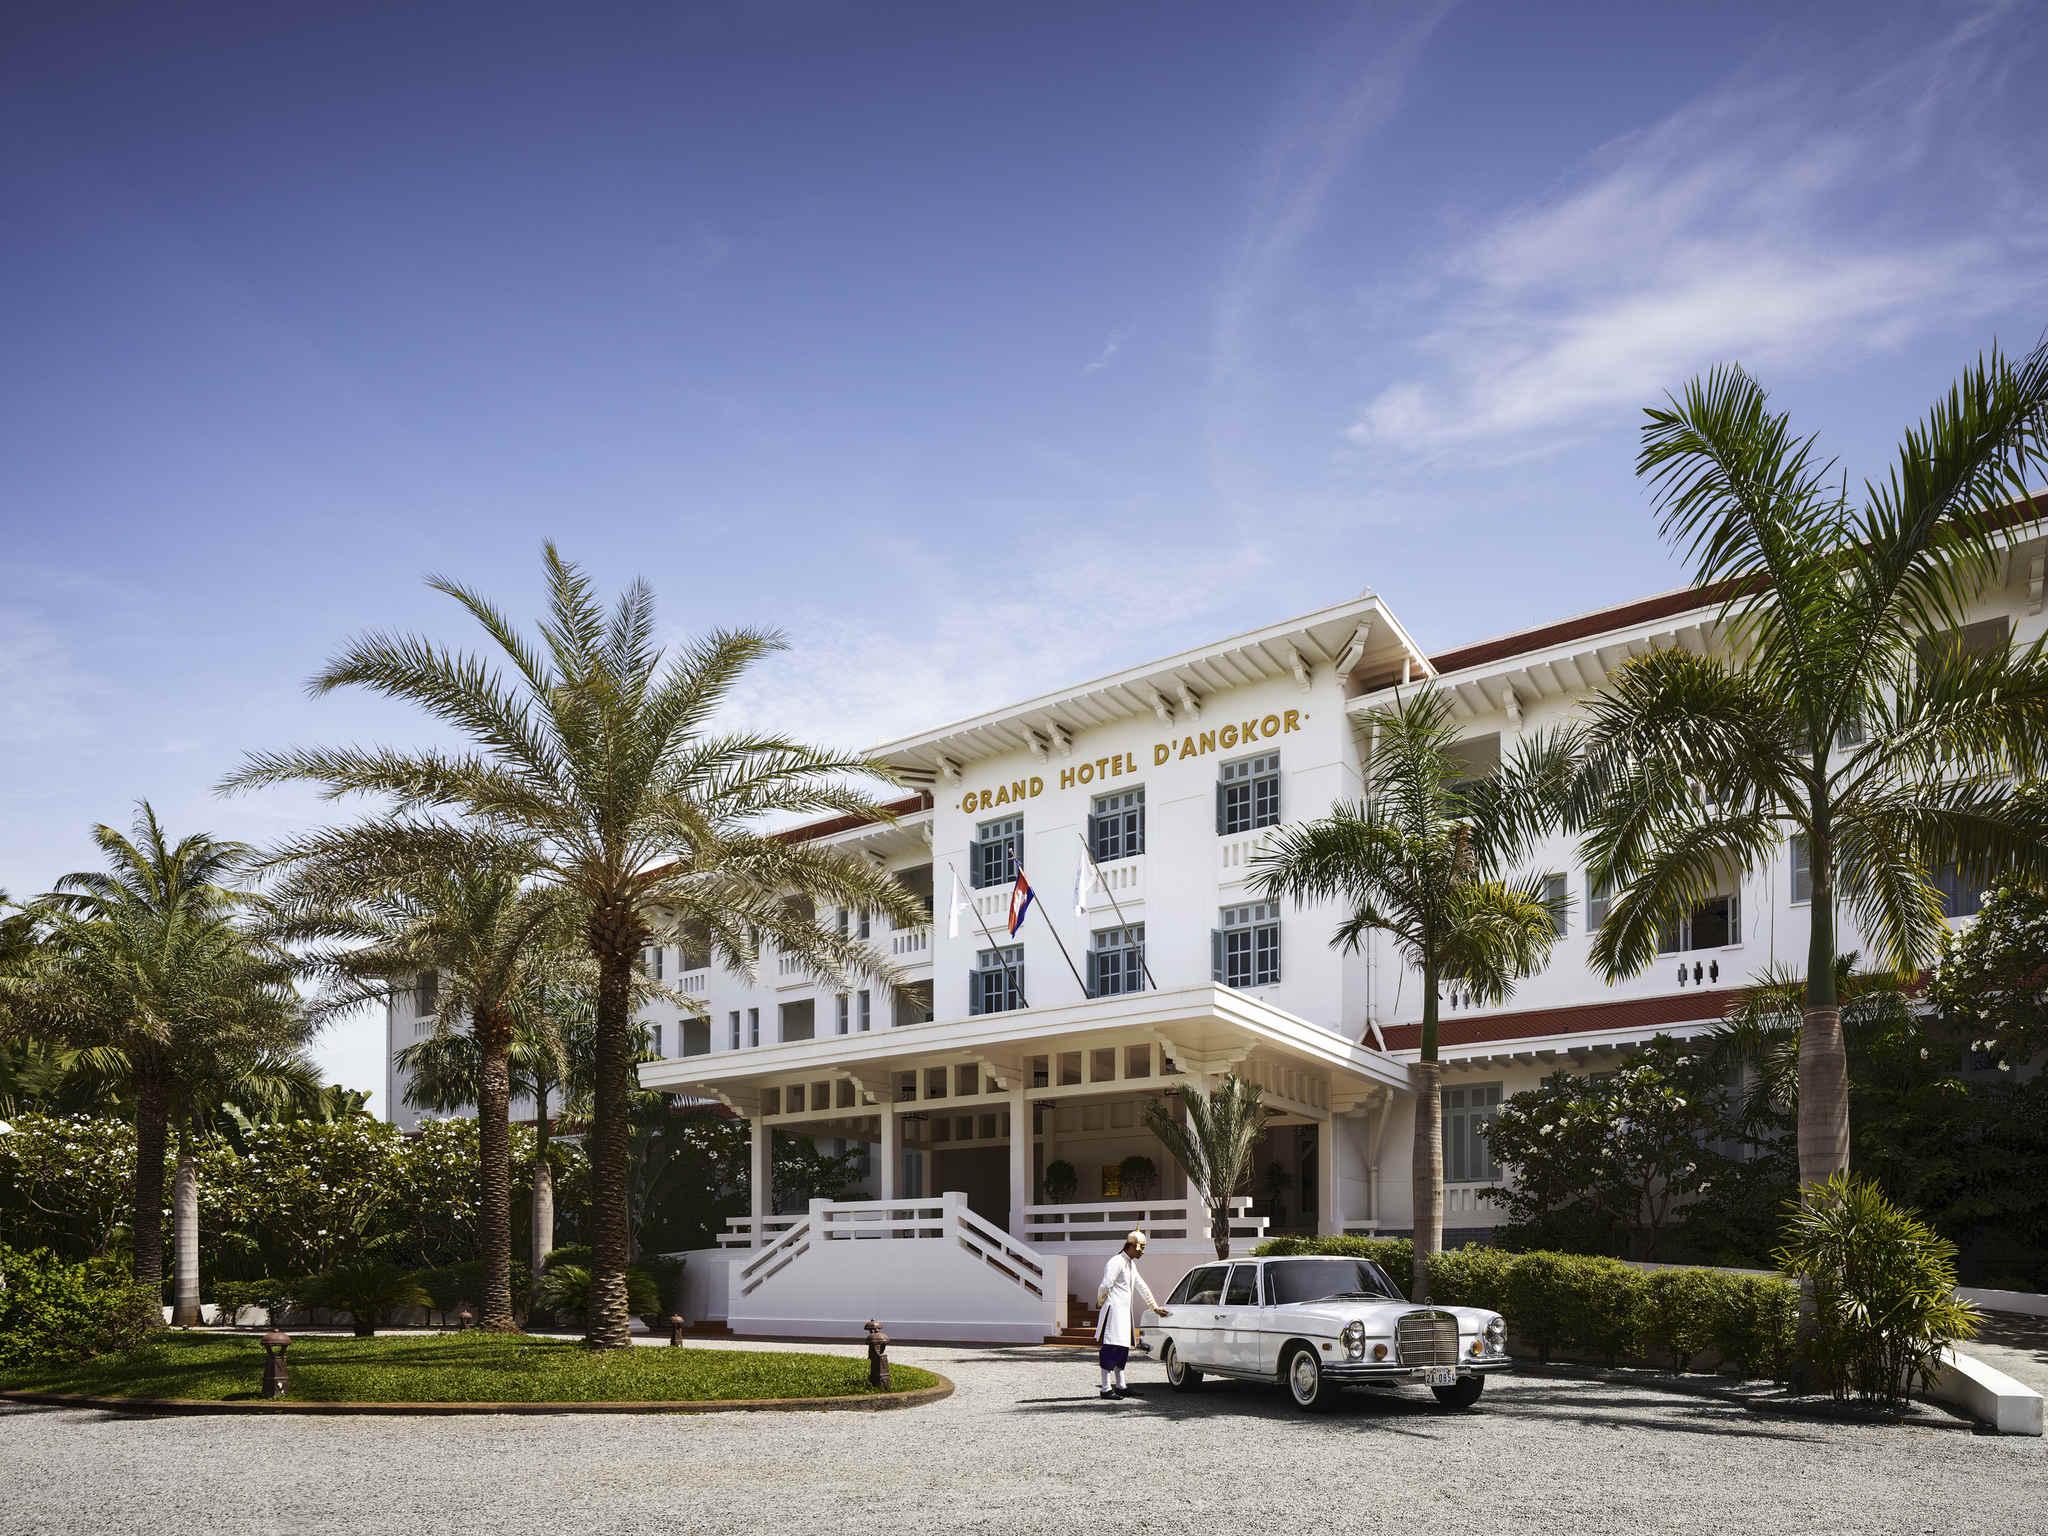 โรงแรม – Raffles Grand Hotel d'Angkor